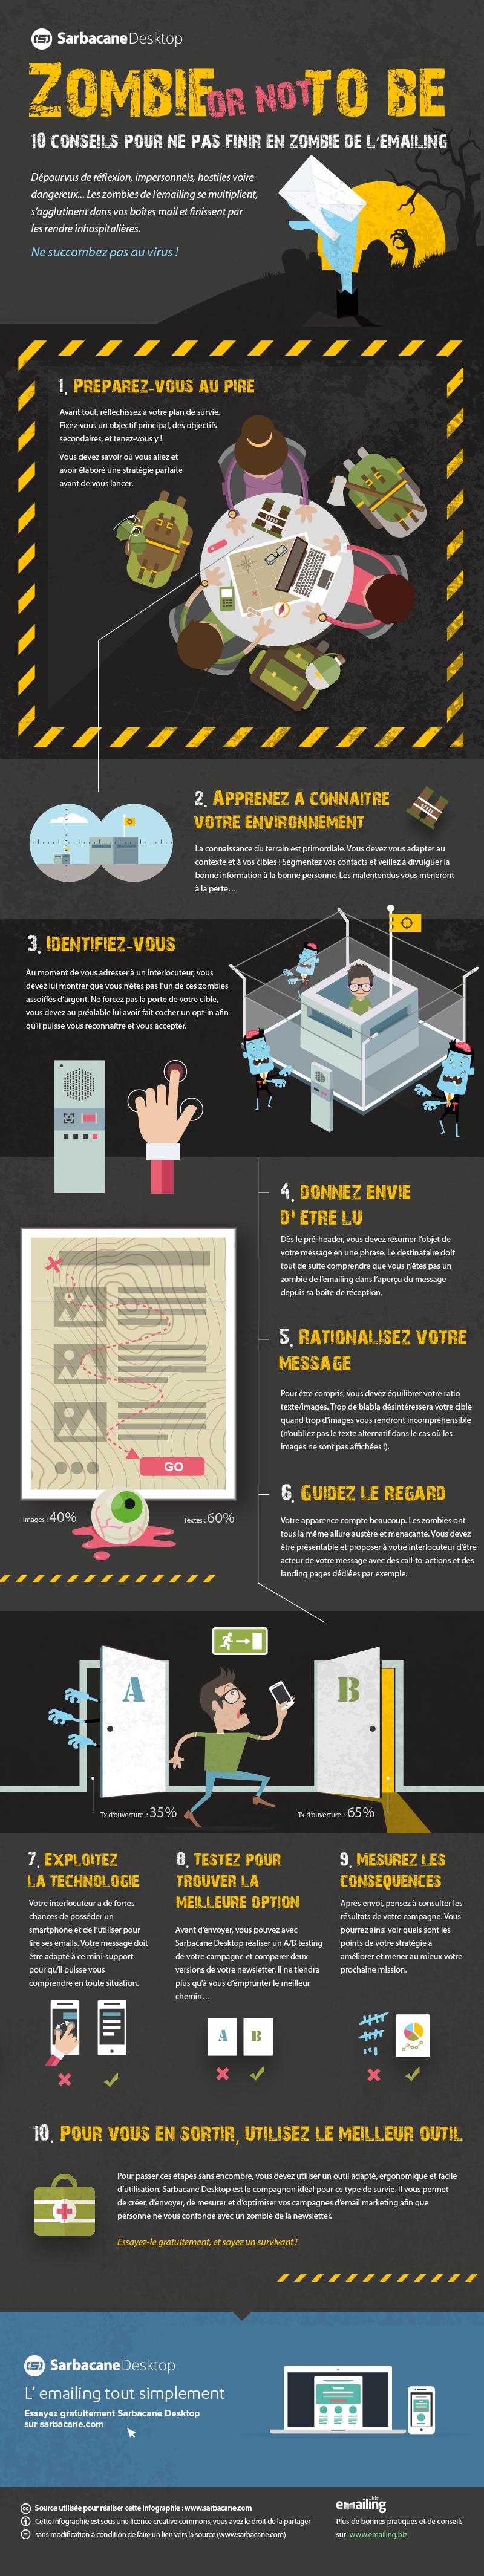 Infographie Emailing Marketing Conseils - Sarbacane